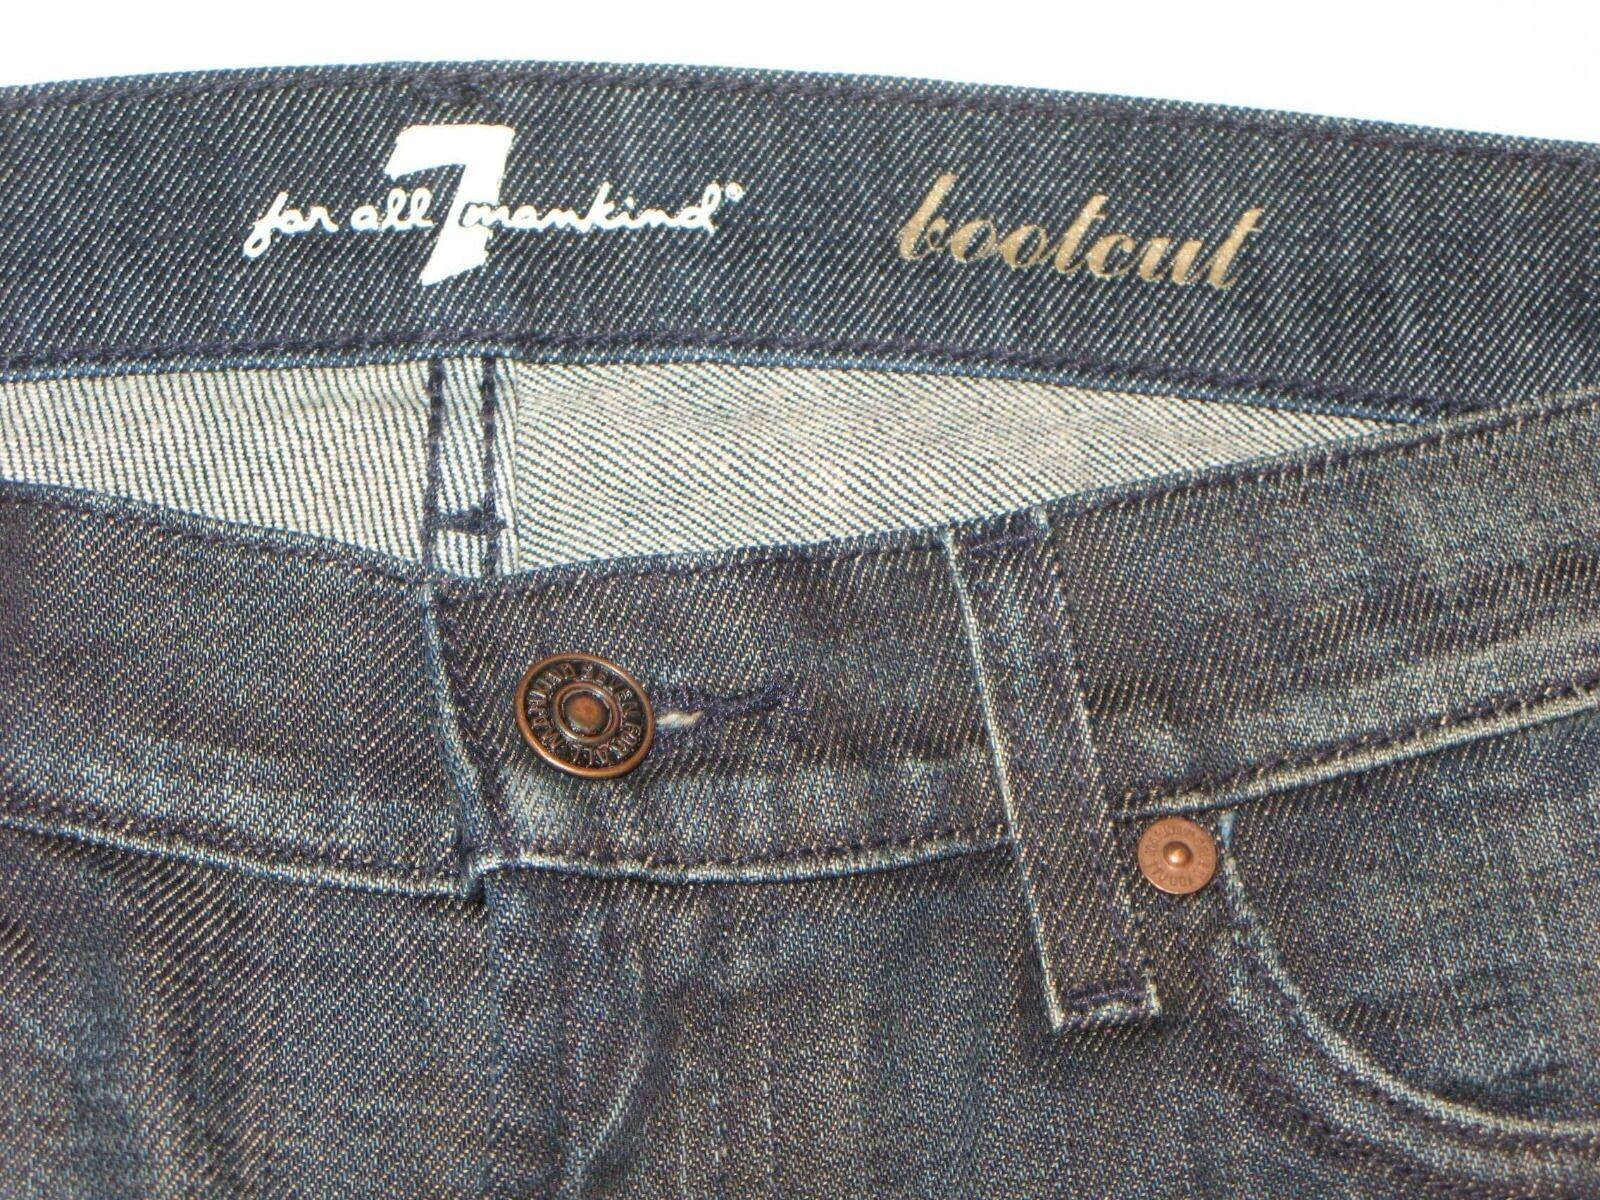 7 für Alle Damen Stiefelcut Jeans Sz 30 mit mit mit Stretch Manhattan Dunkel Distressed   Mittlere Kosten  d167cb